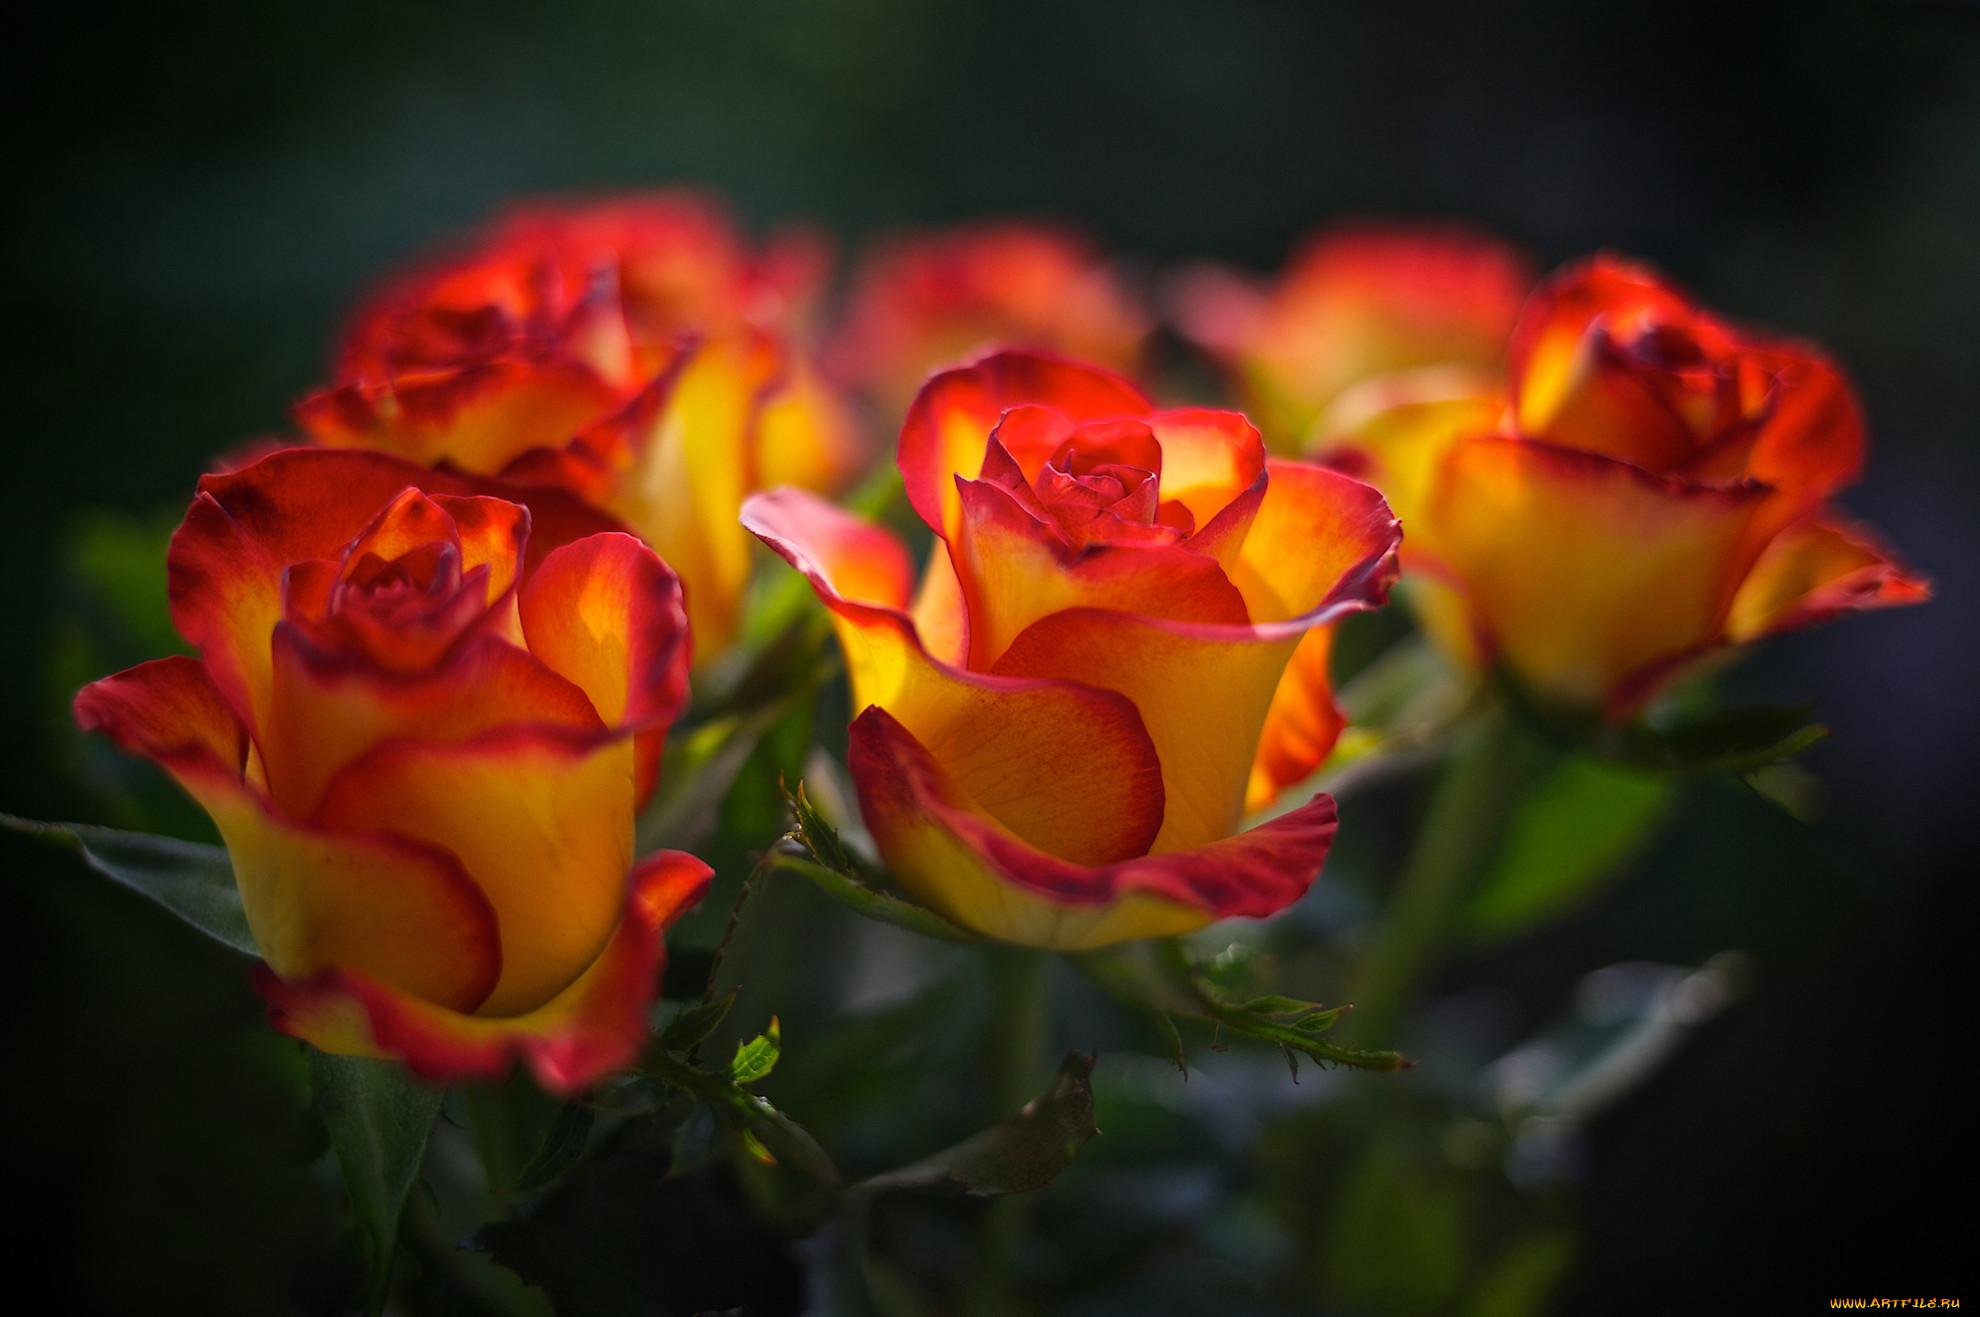 Картинки желто оранжевые розы